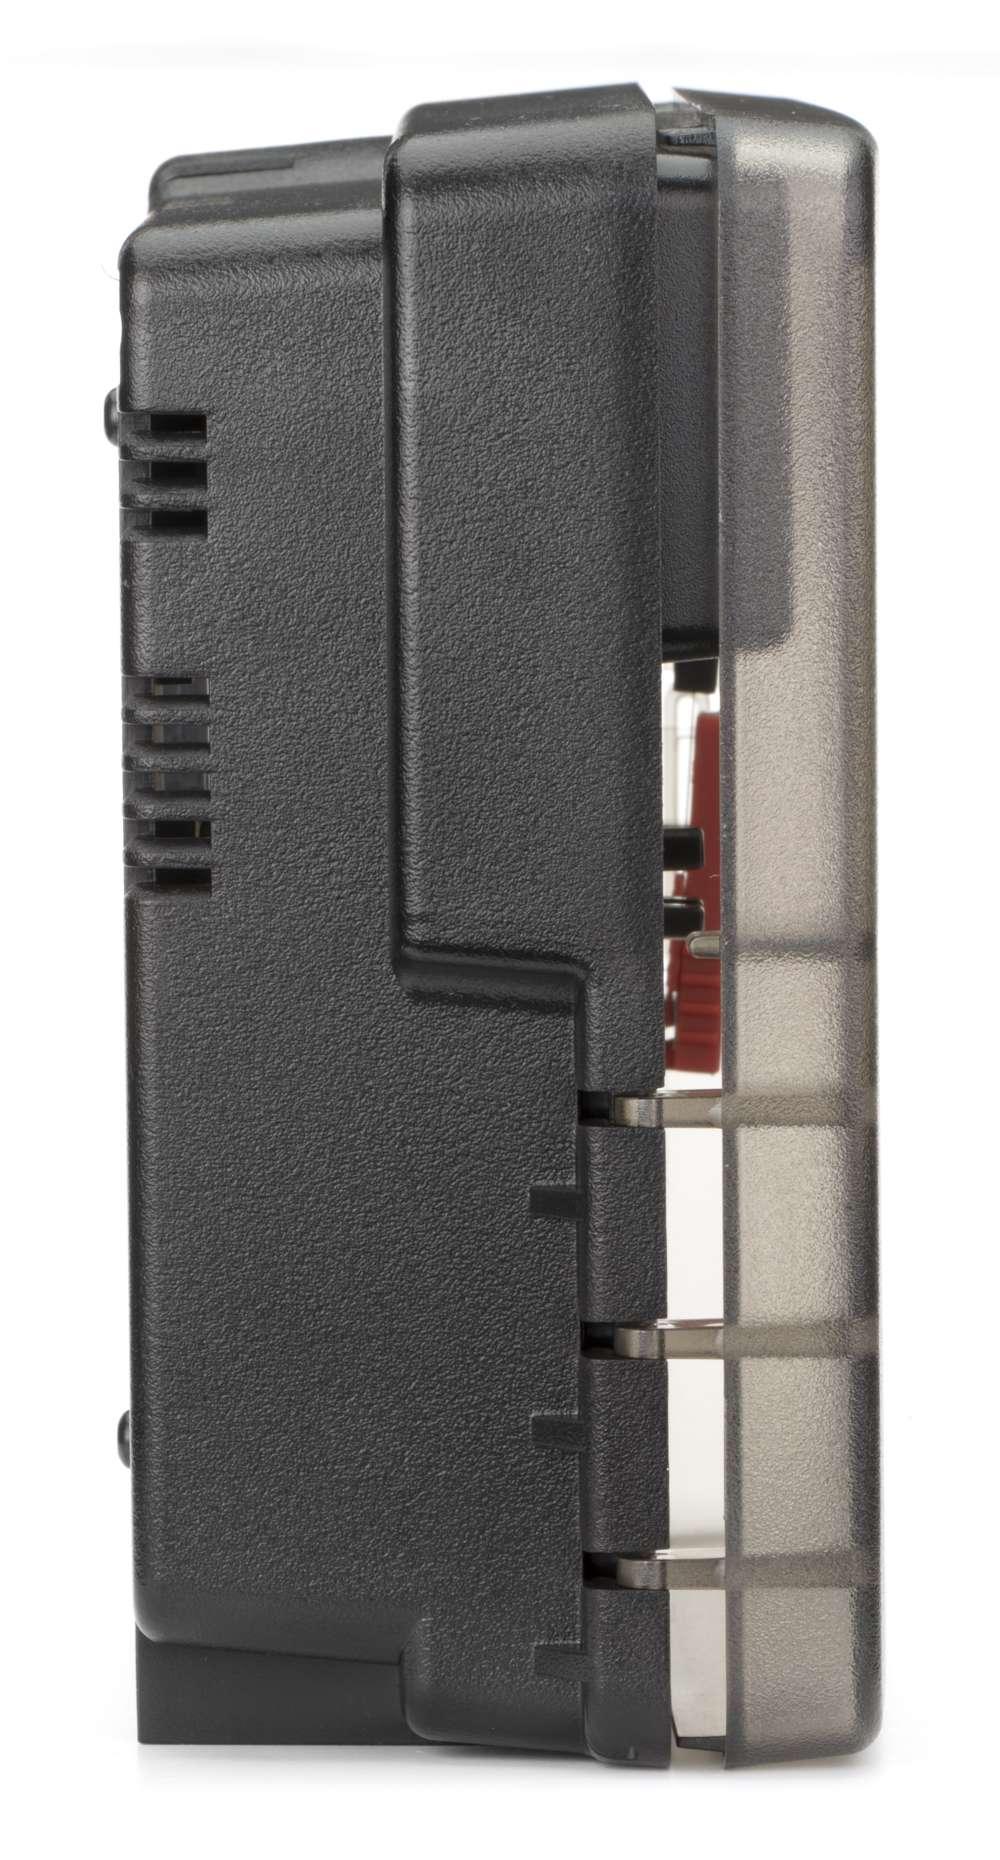 Sl4100 left side 13067